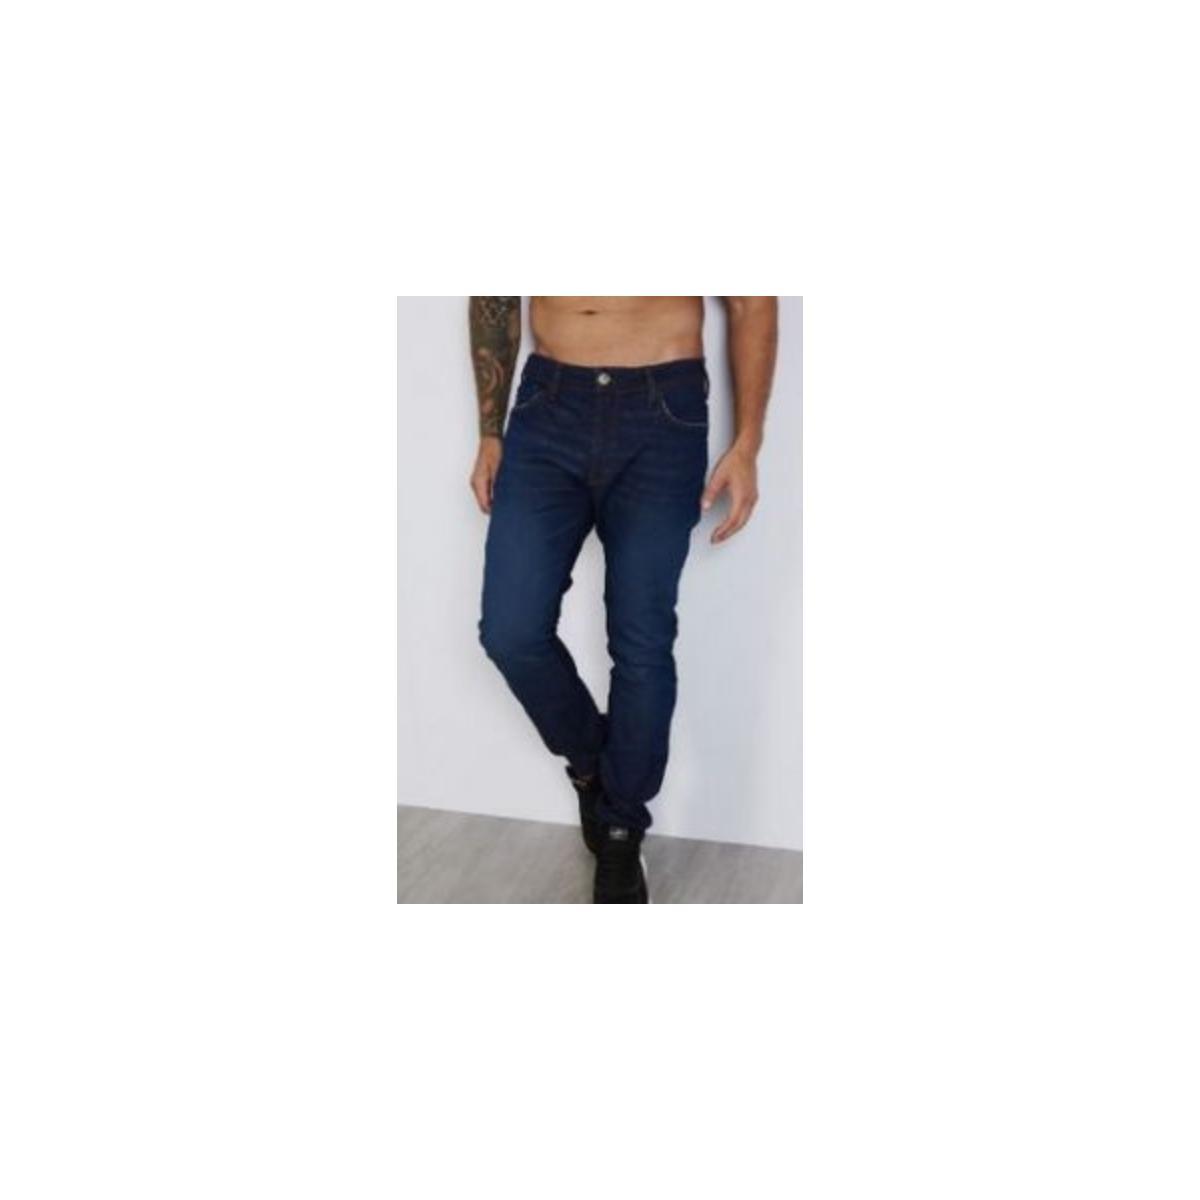 Calça Masculina Colcci 10106333 600 Jeans